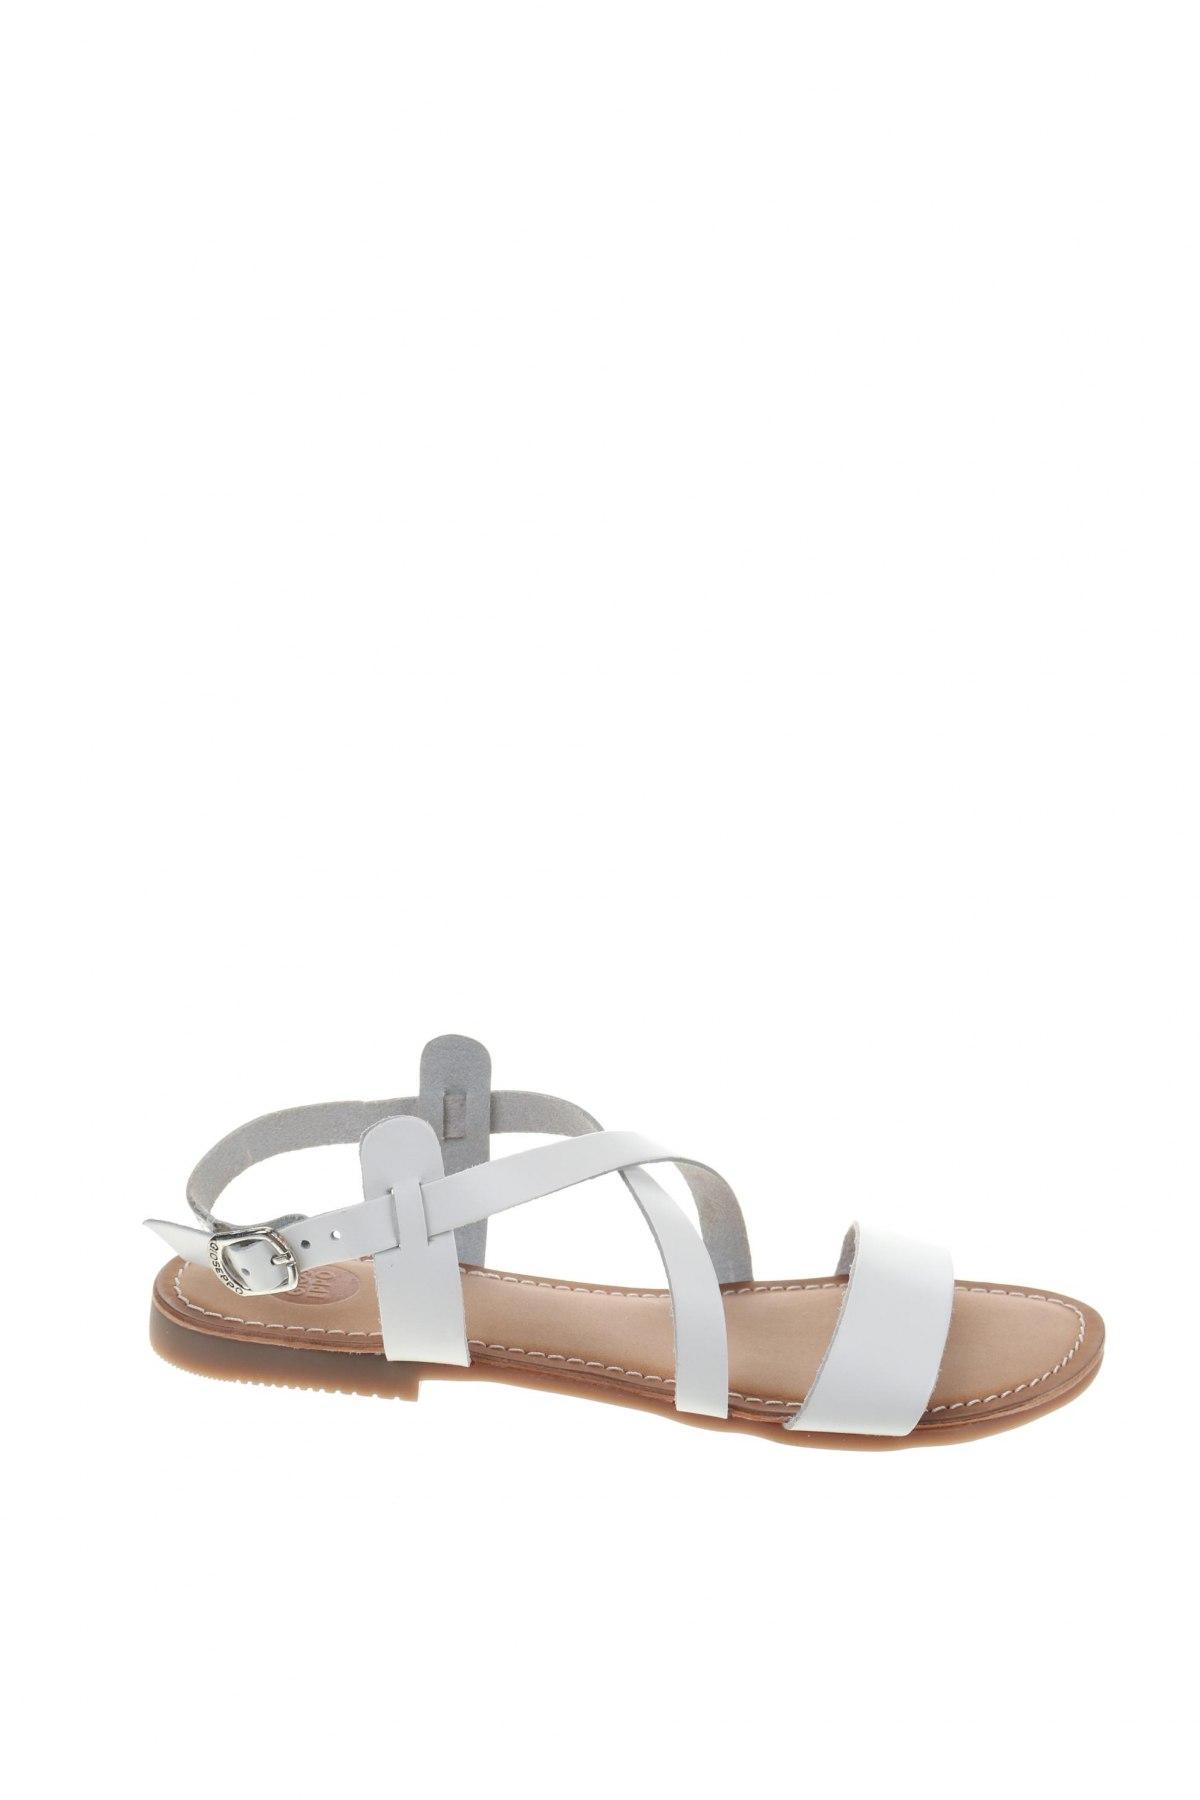 Σανδάλια Gioseppo, Μέγεθος 36, Χρώμα Λευκό, Γνήσιο δέρμα, Τιμή 23,82€